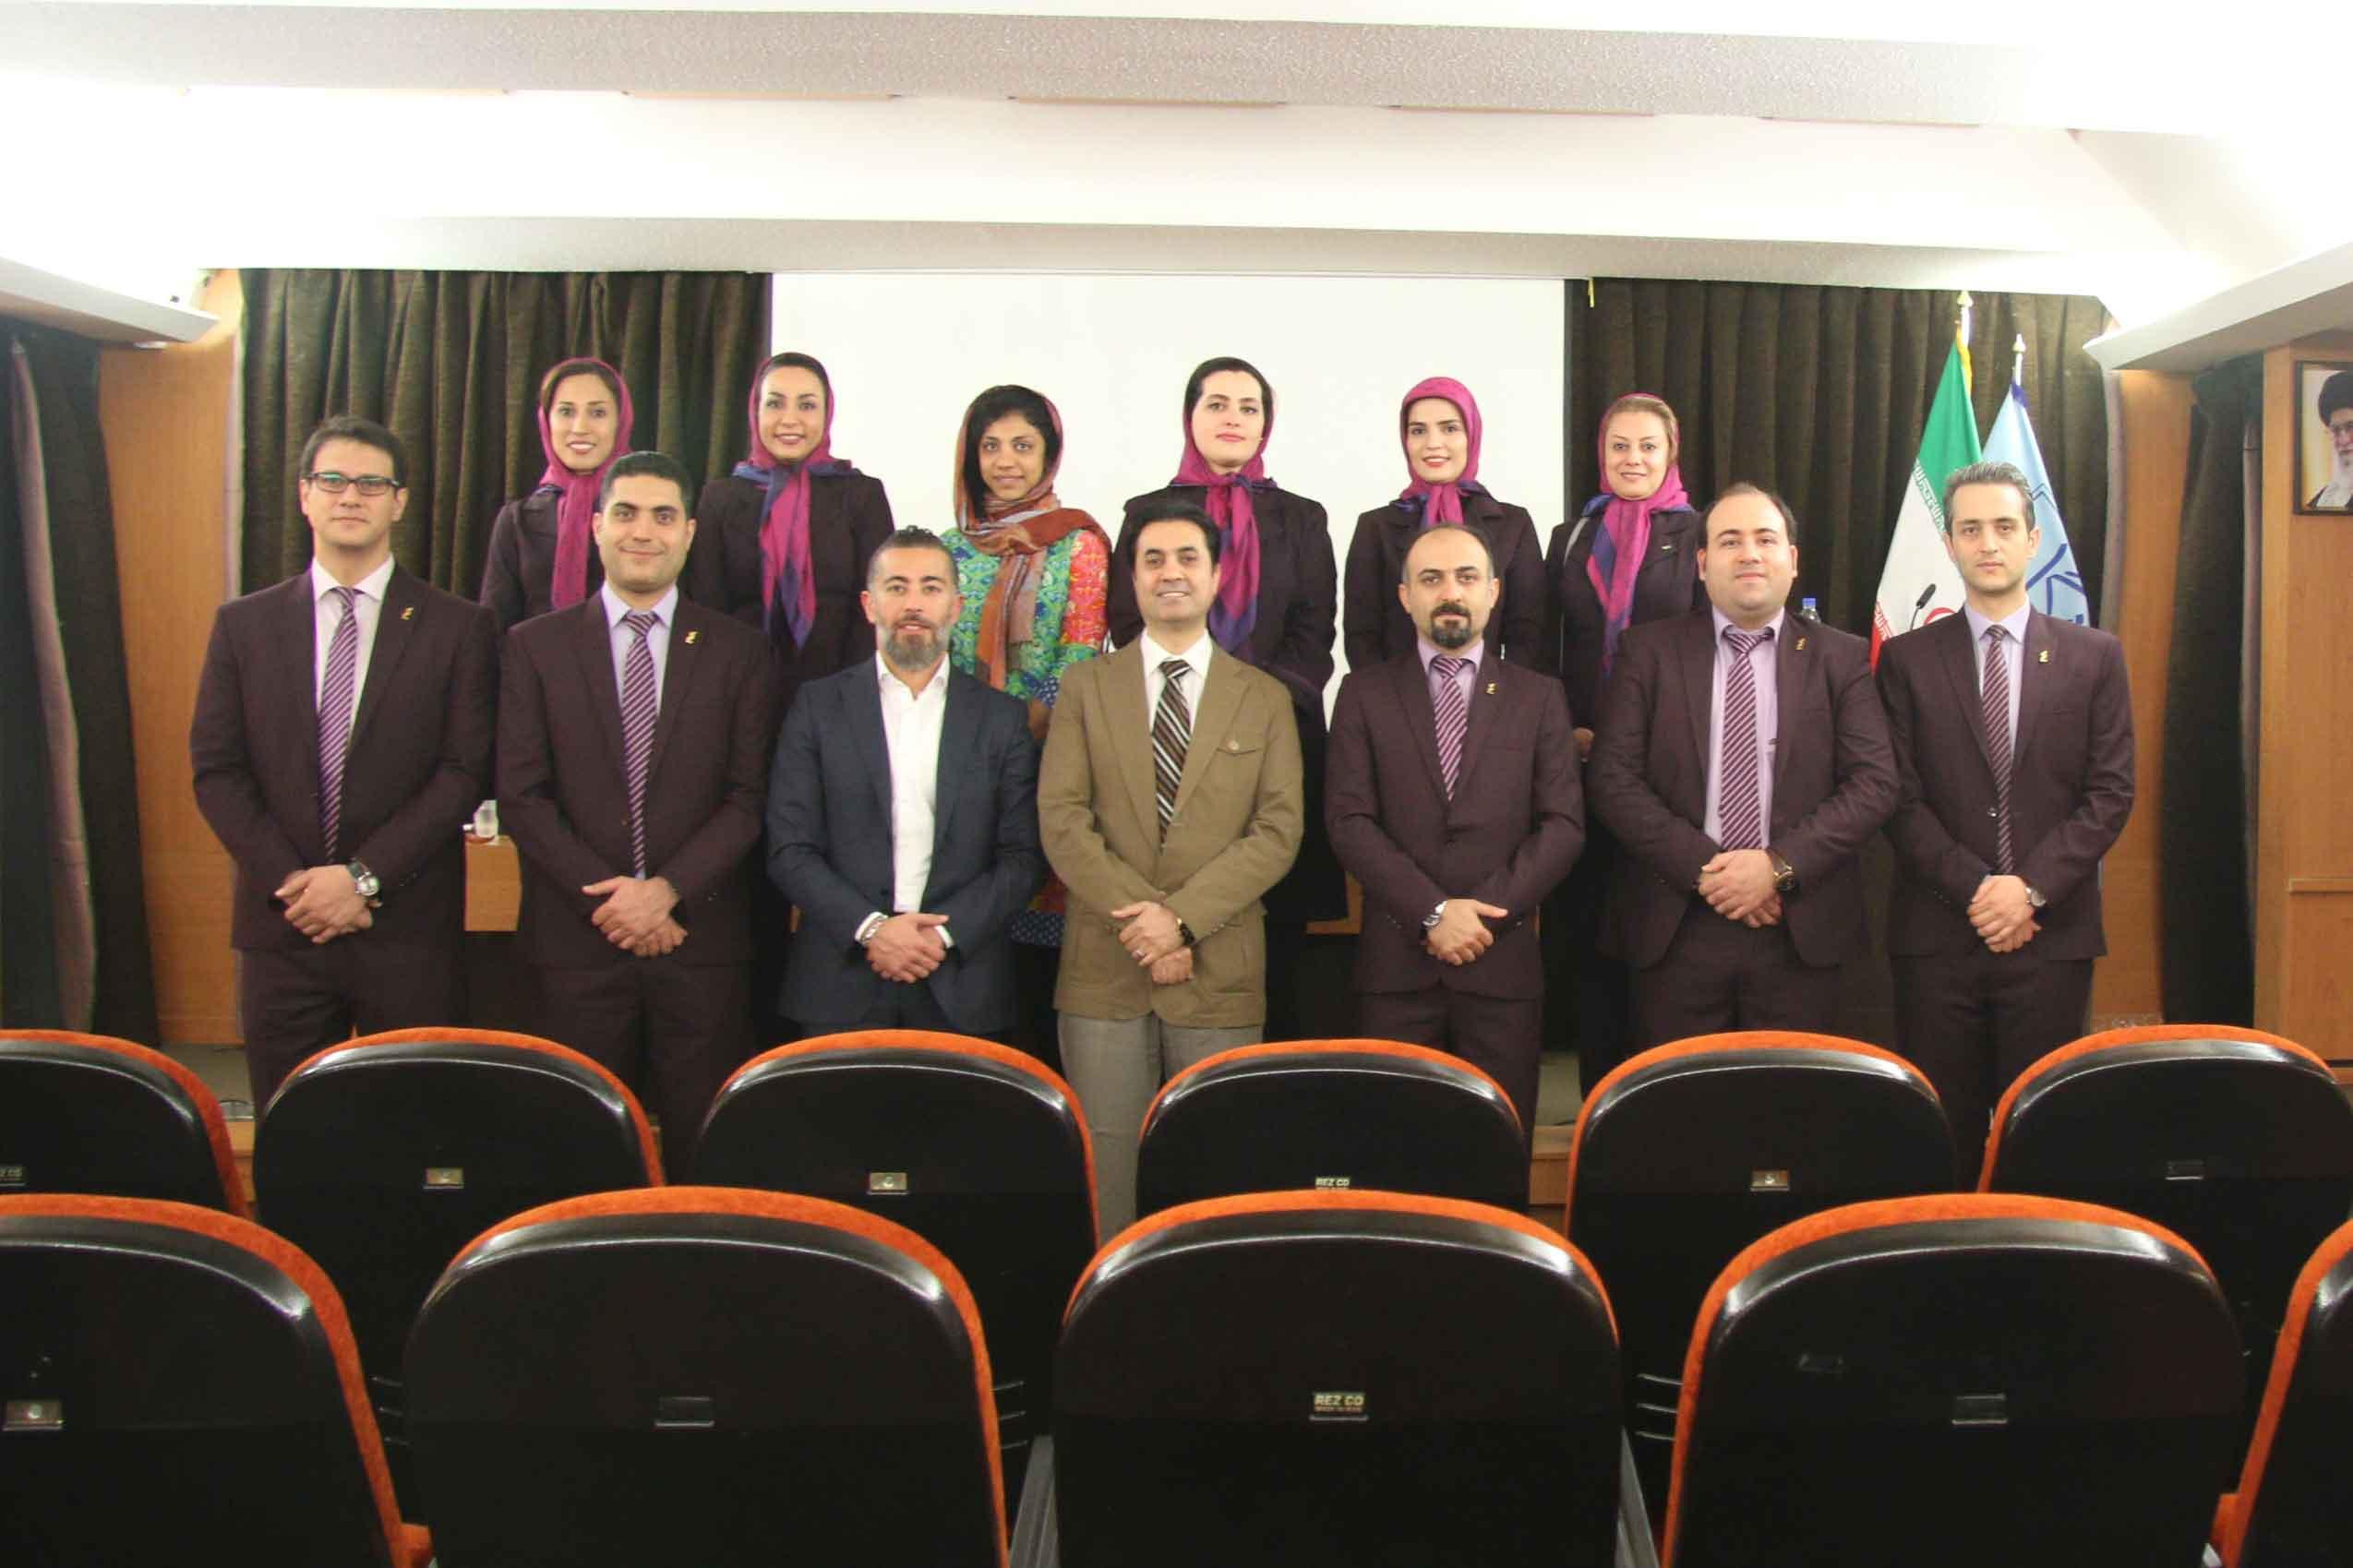 کنگره مامایی بهمن 96